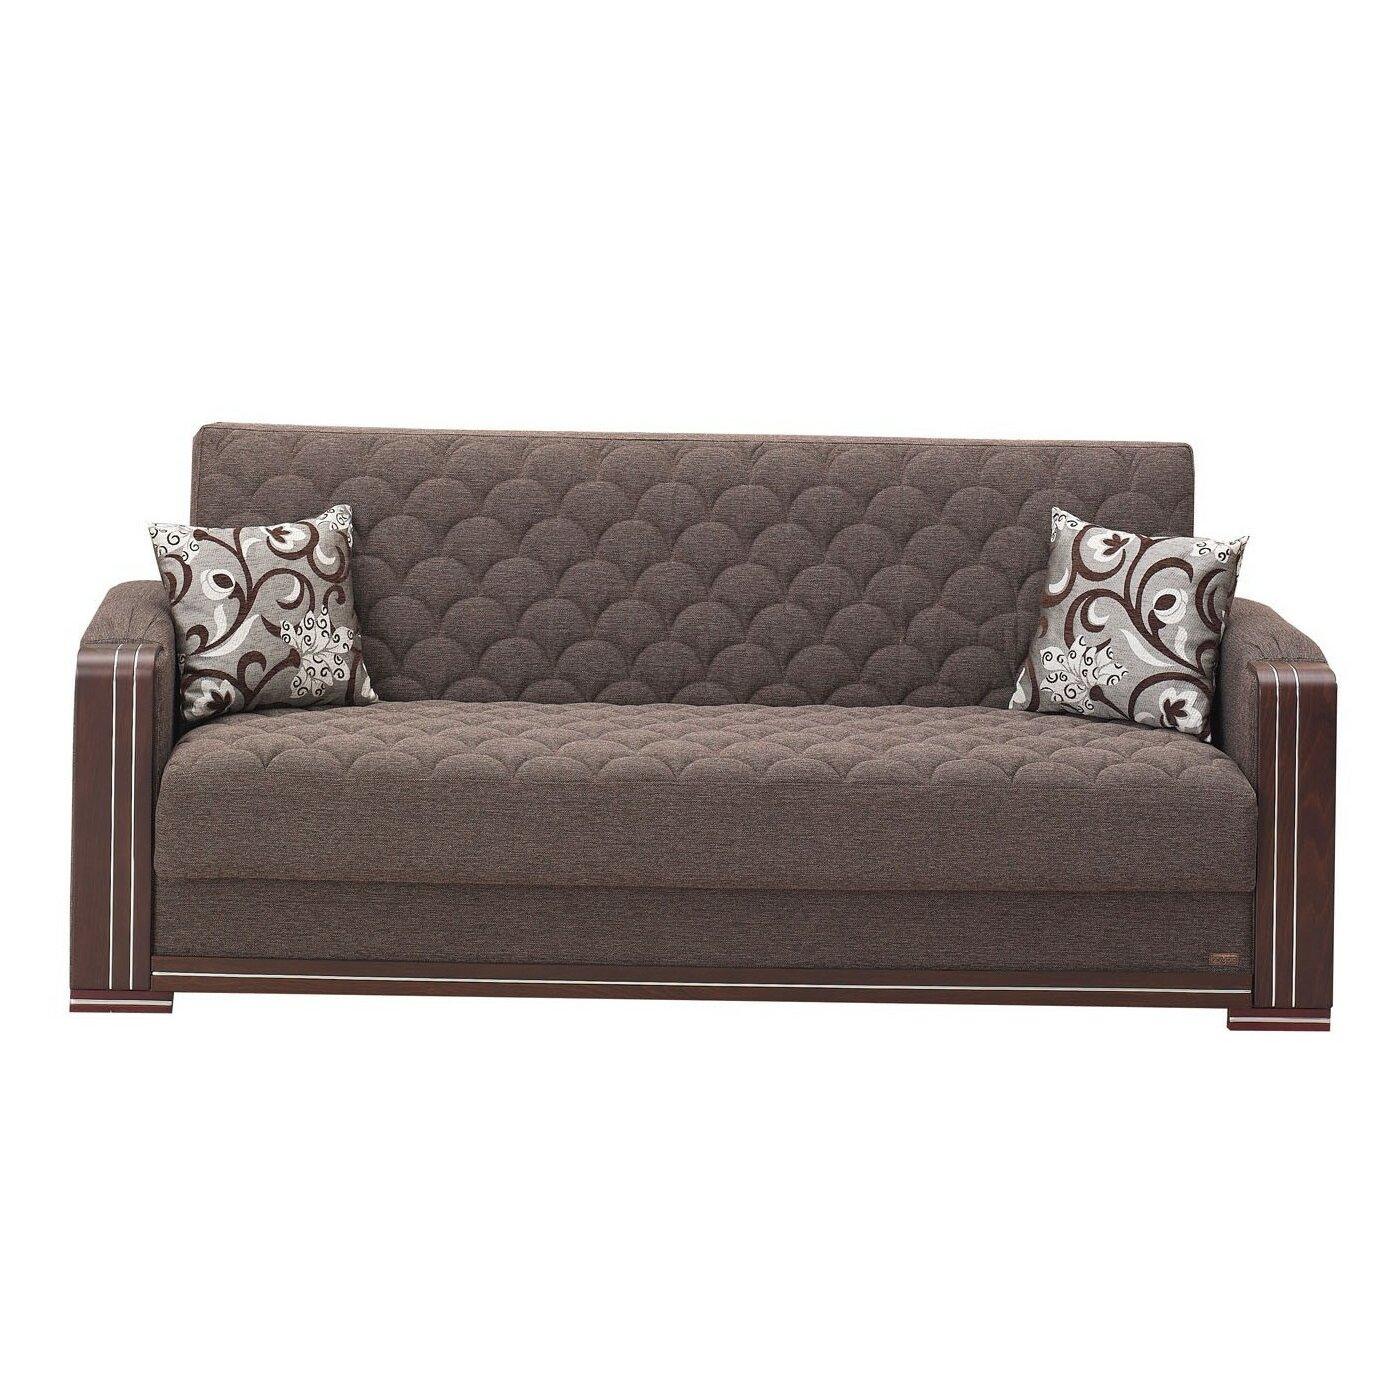 Oregon Convertible Sofa